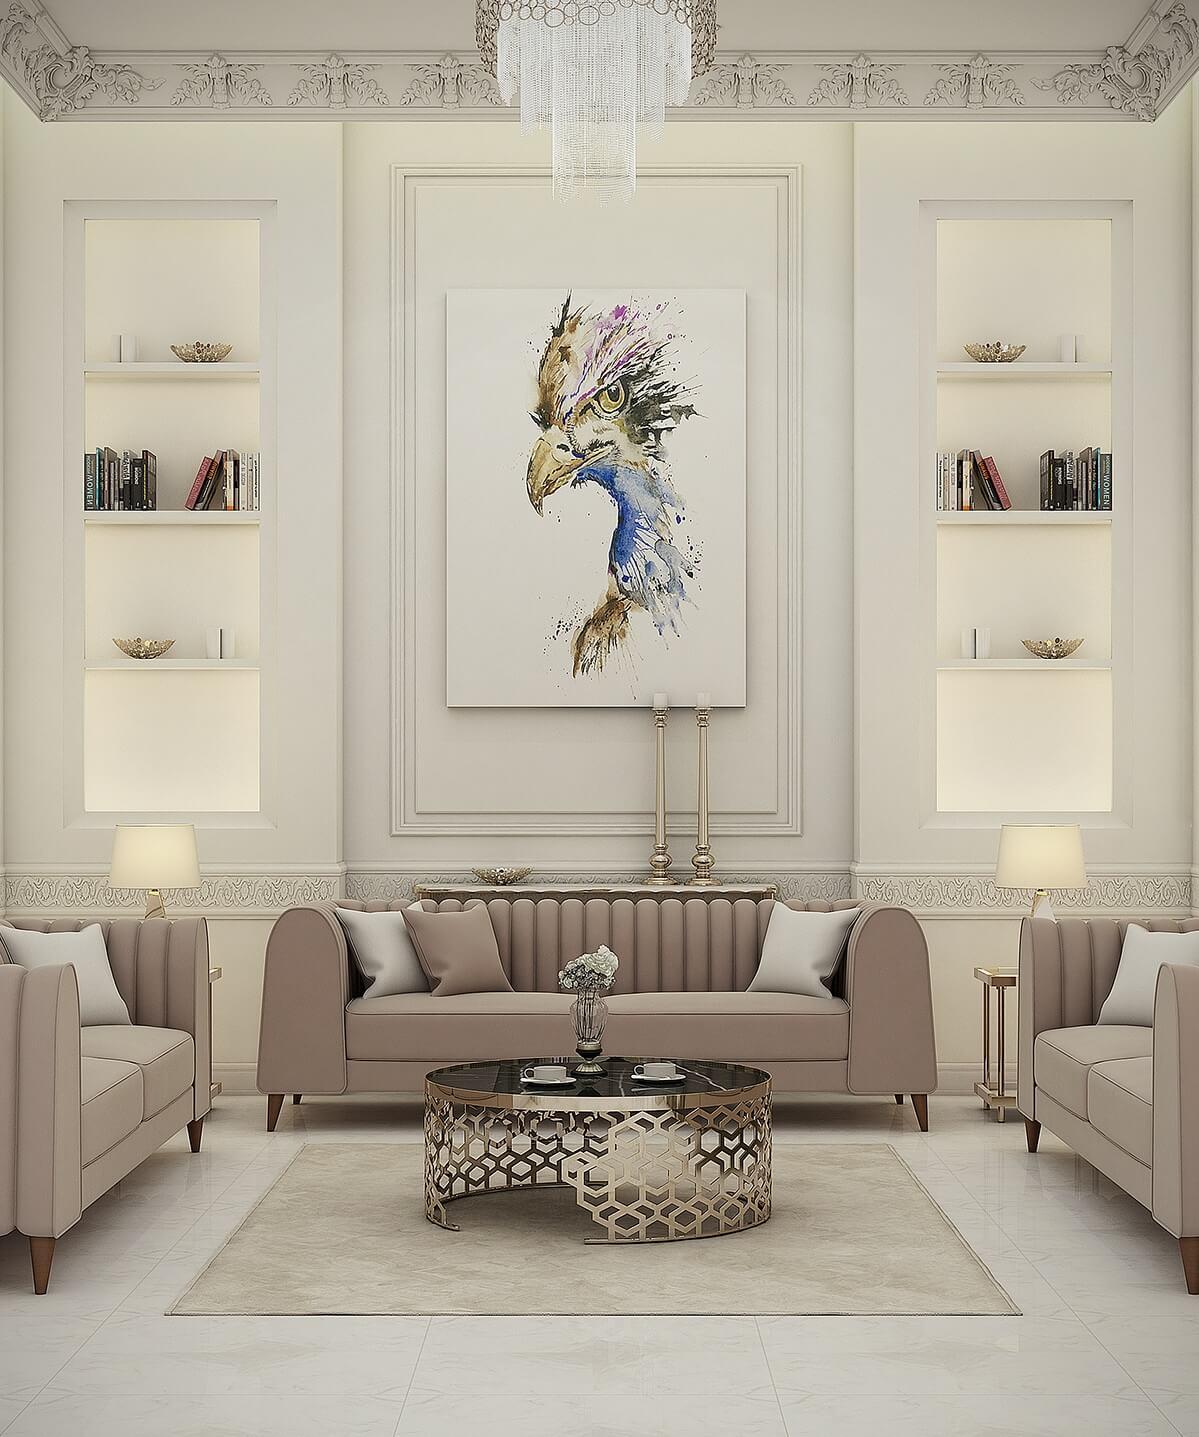 Mẫu thiết kế nội thất đẹp đơn giản